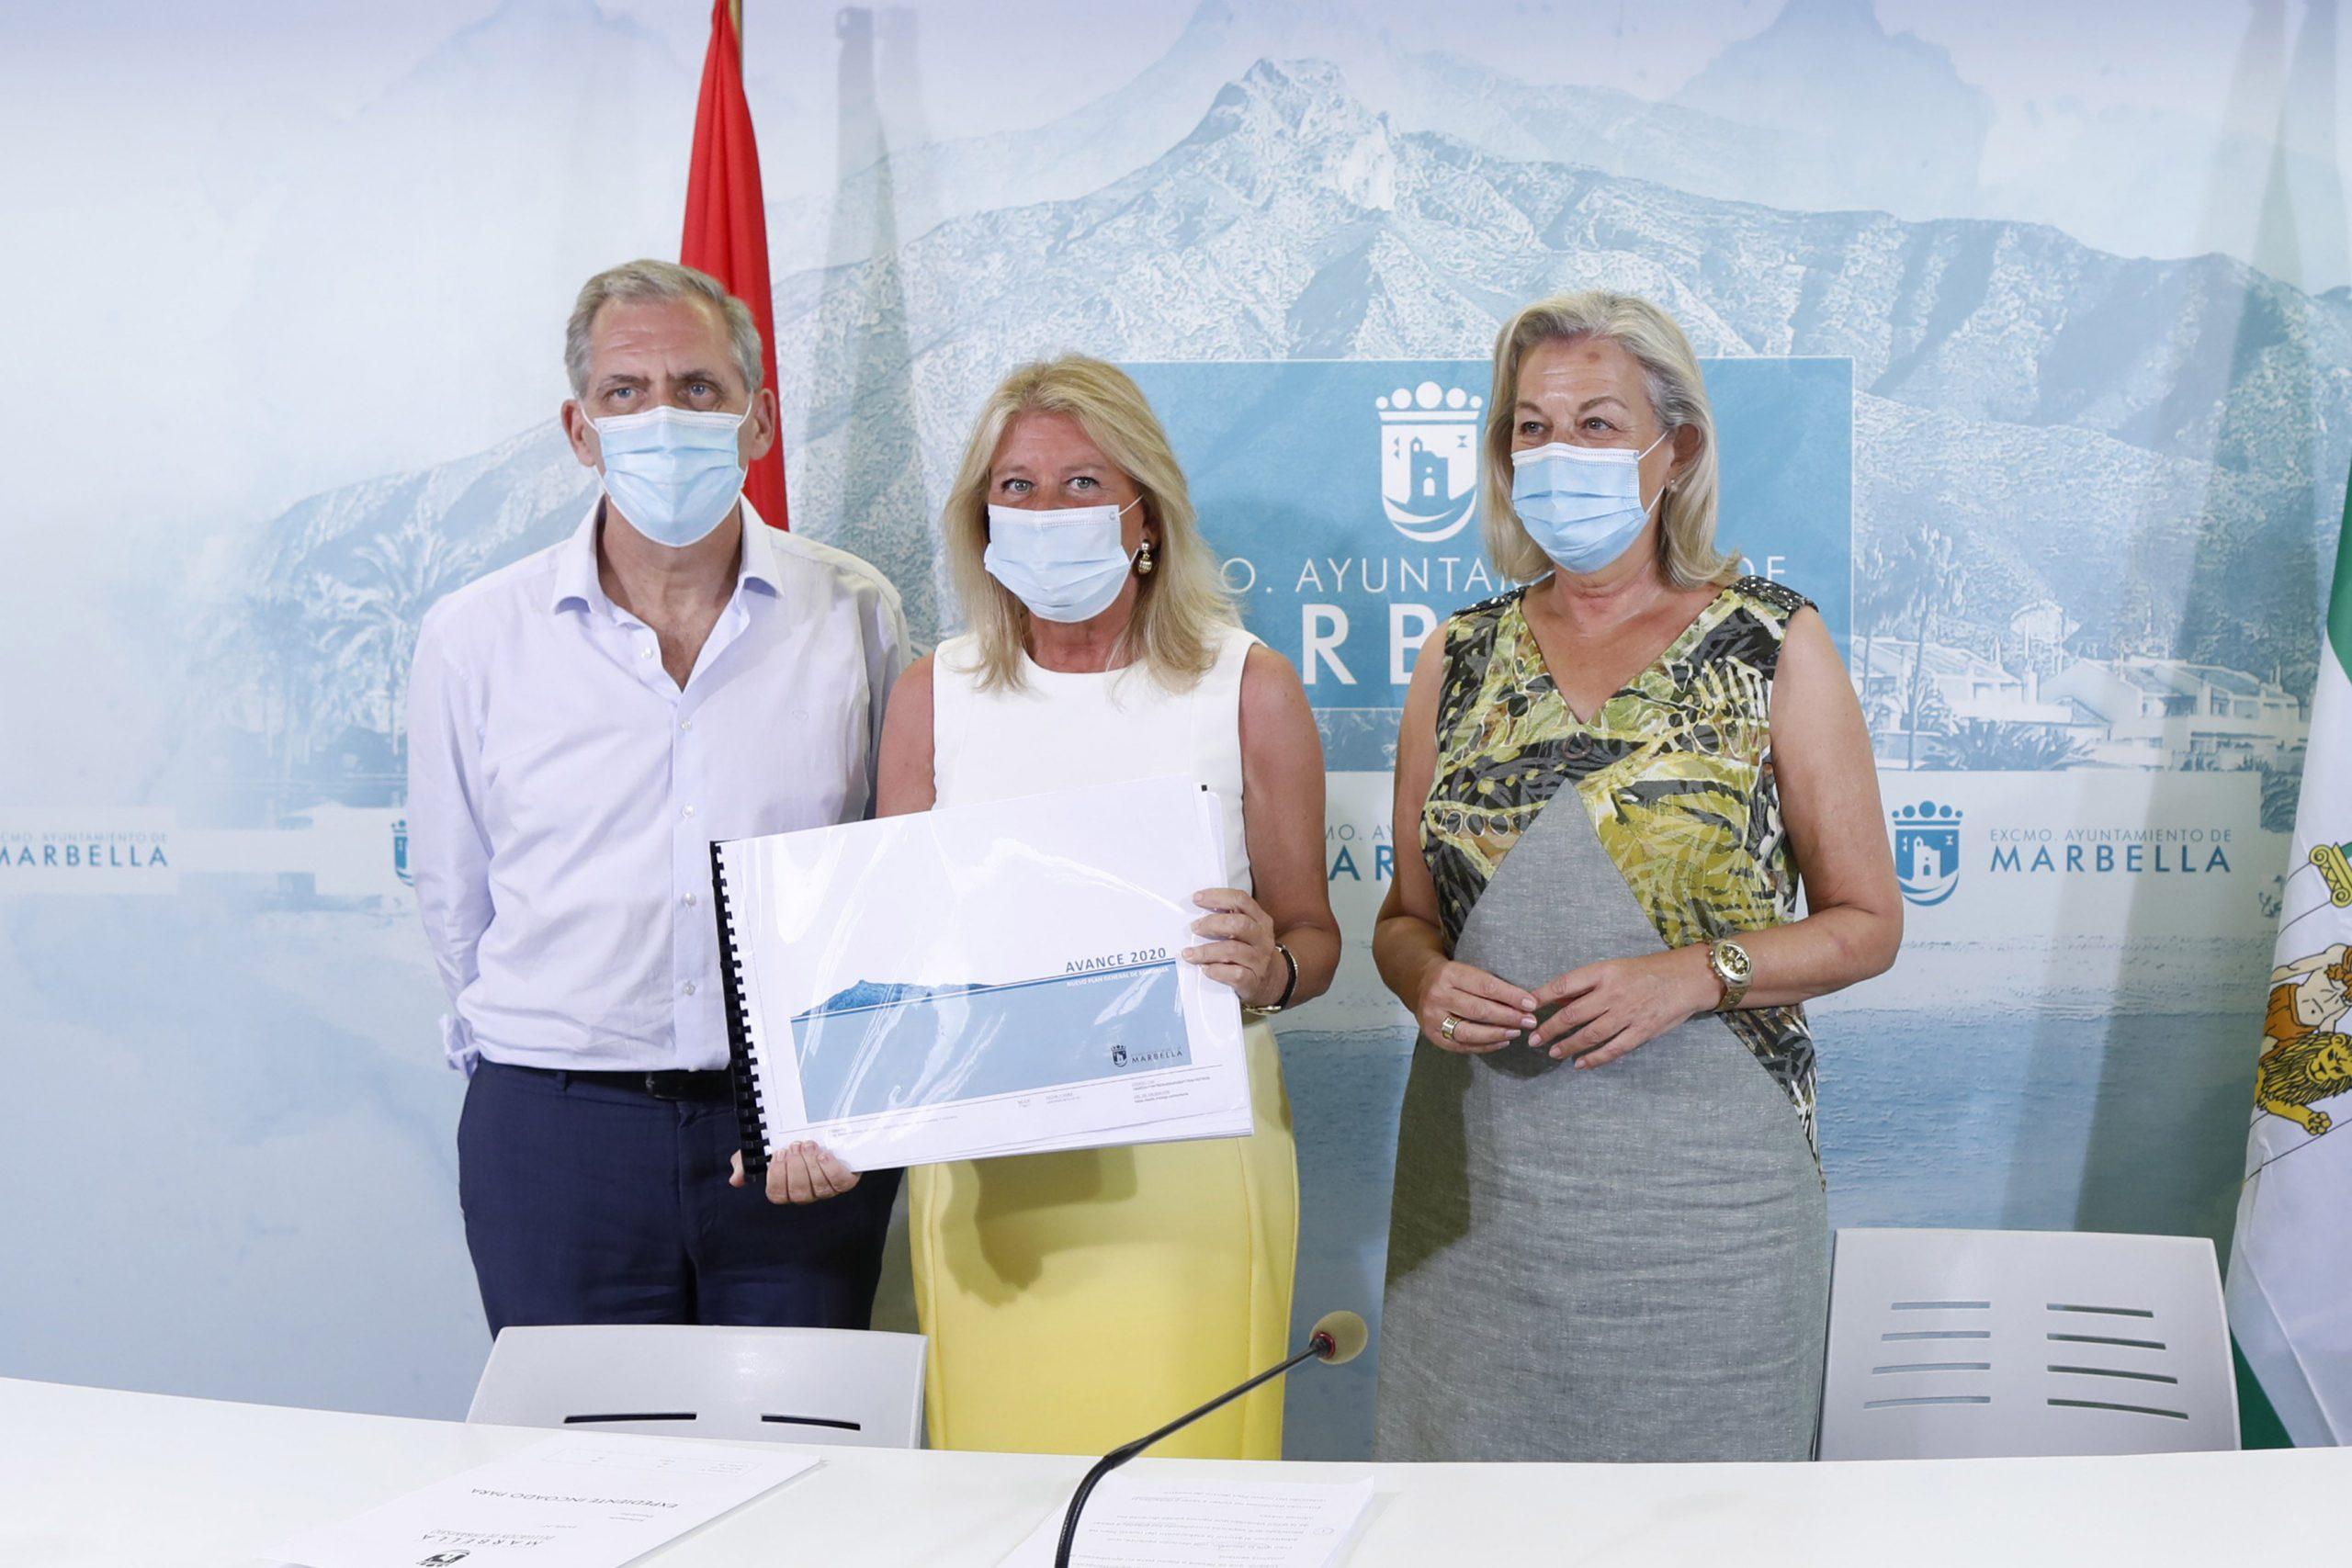 Llevarán a Pleno la próxima semana el avance del nuevo PGOU de Marbella